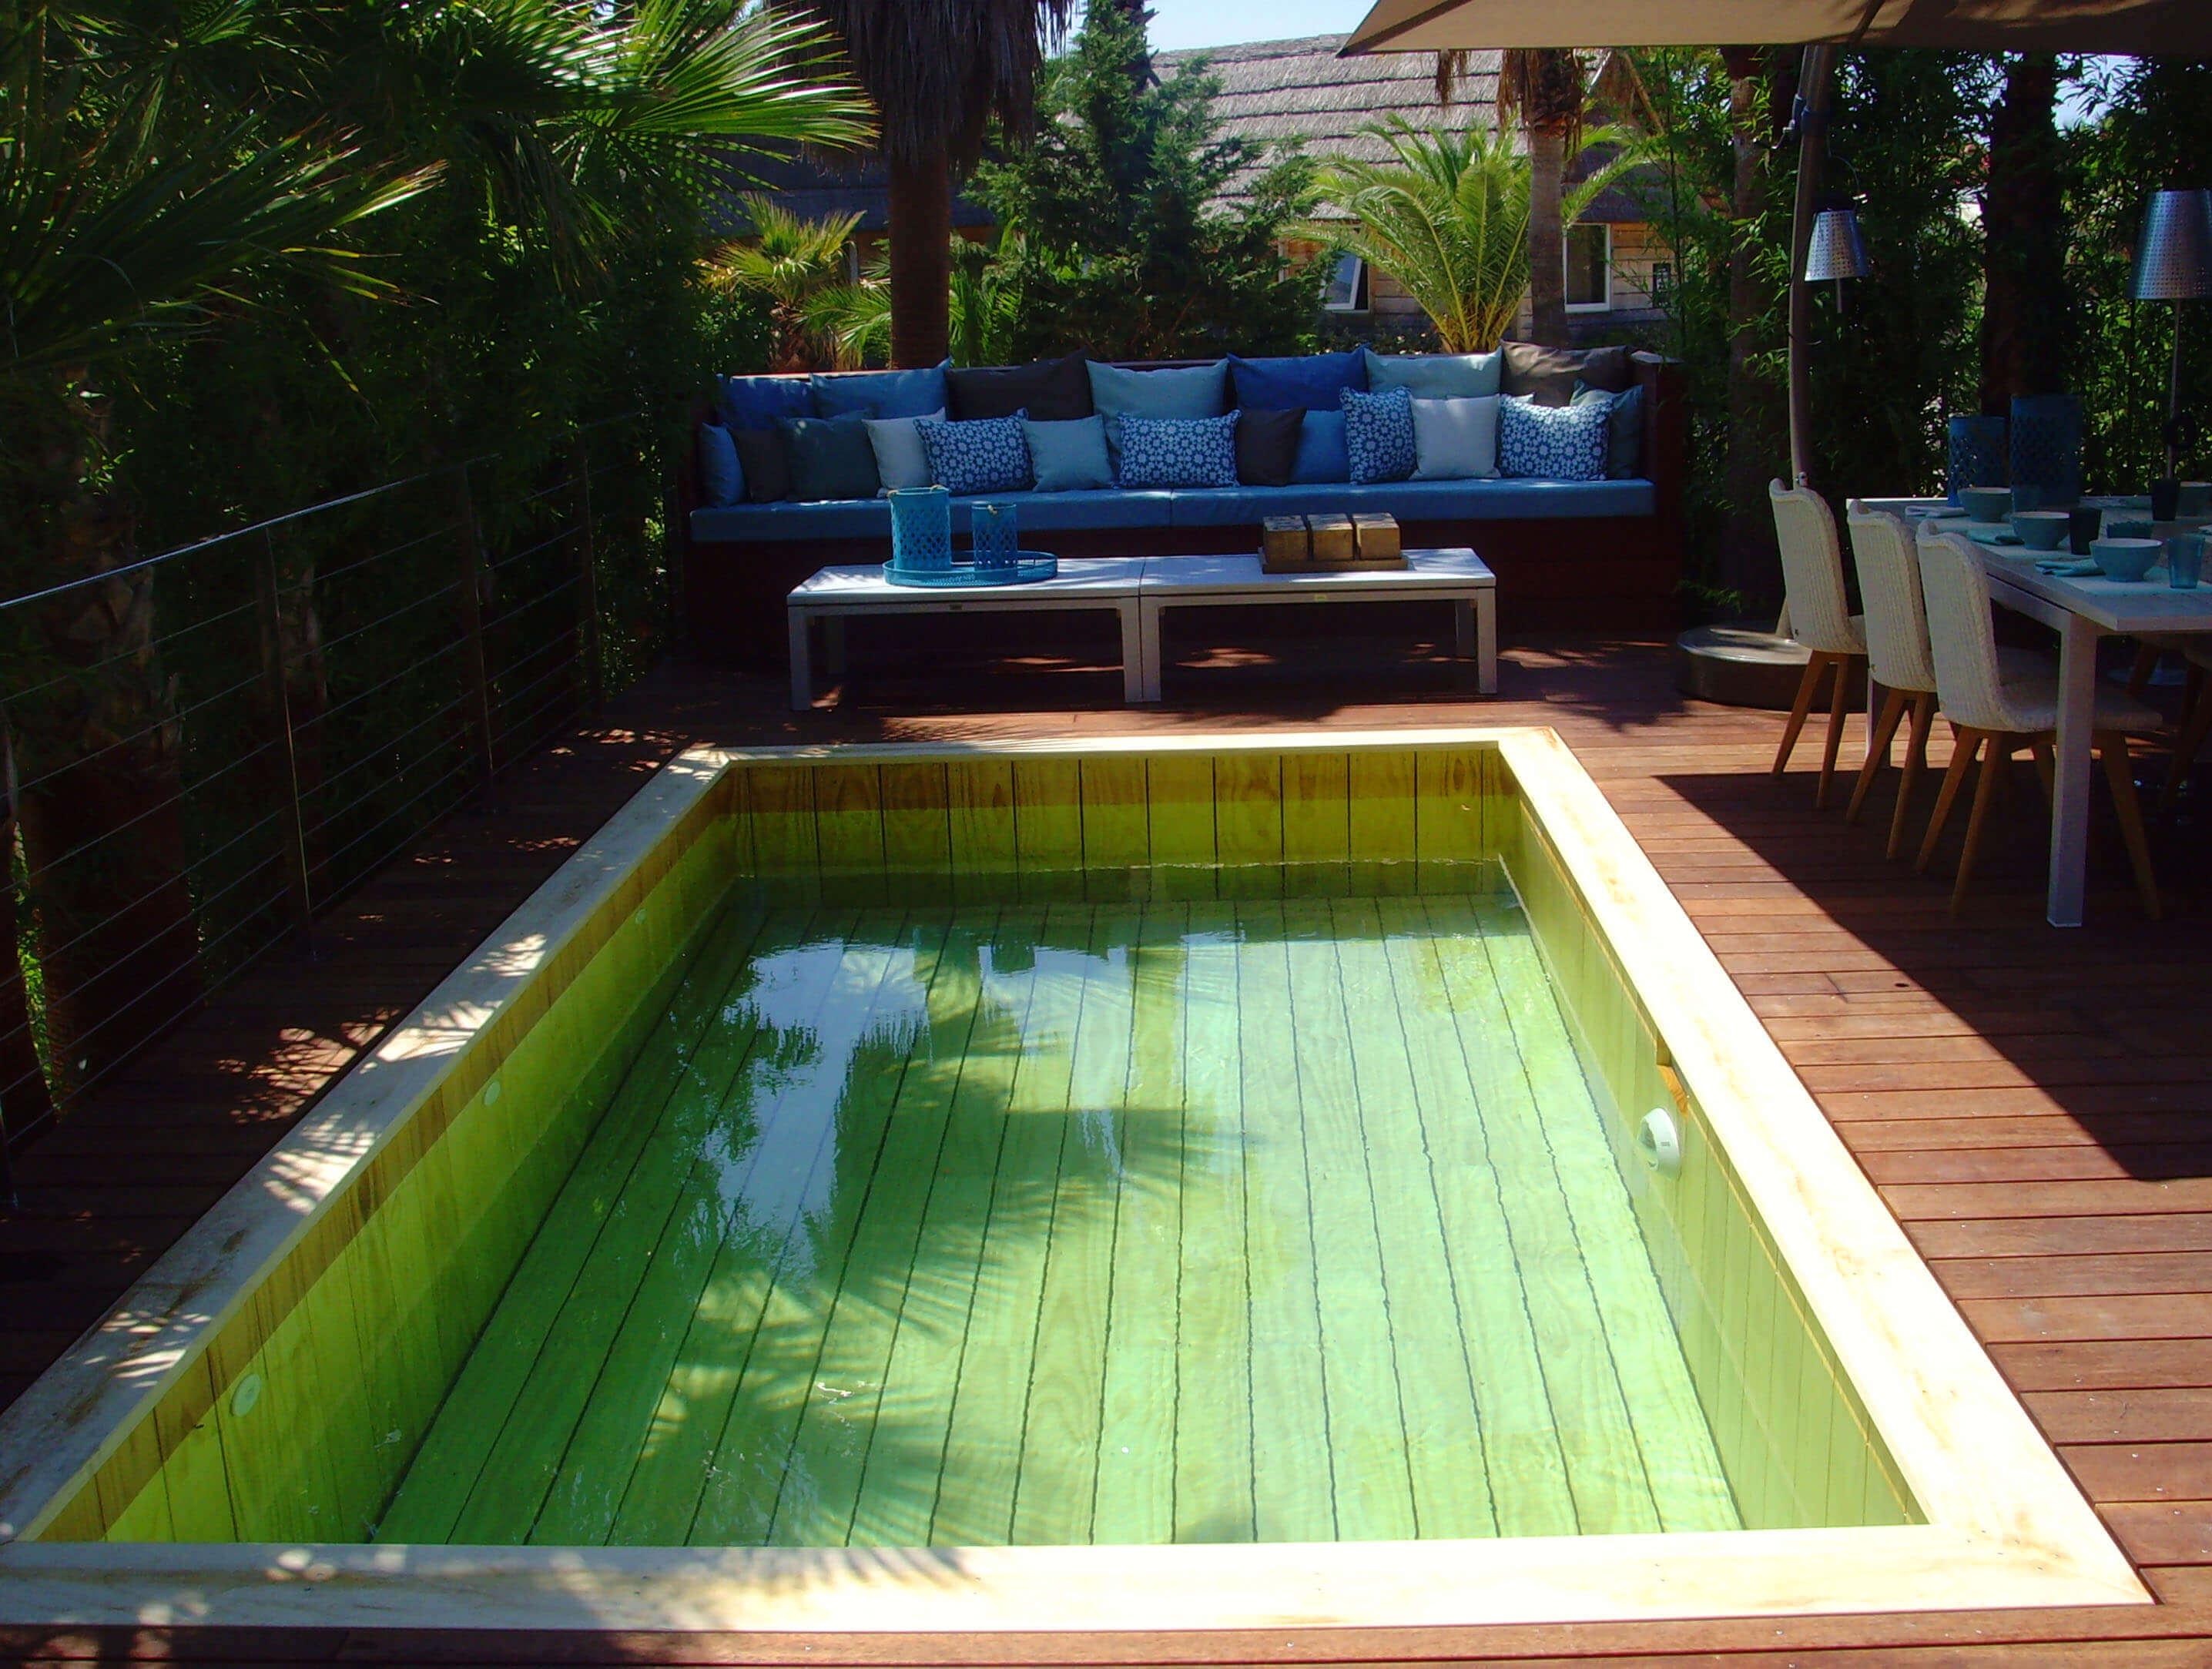 Le concept de la piscine tout bois par natura piscines for Piscine design concept